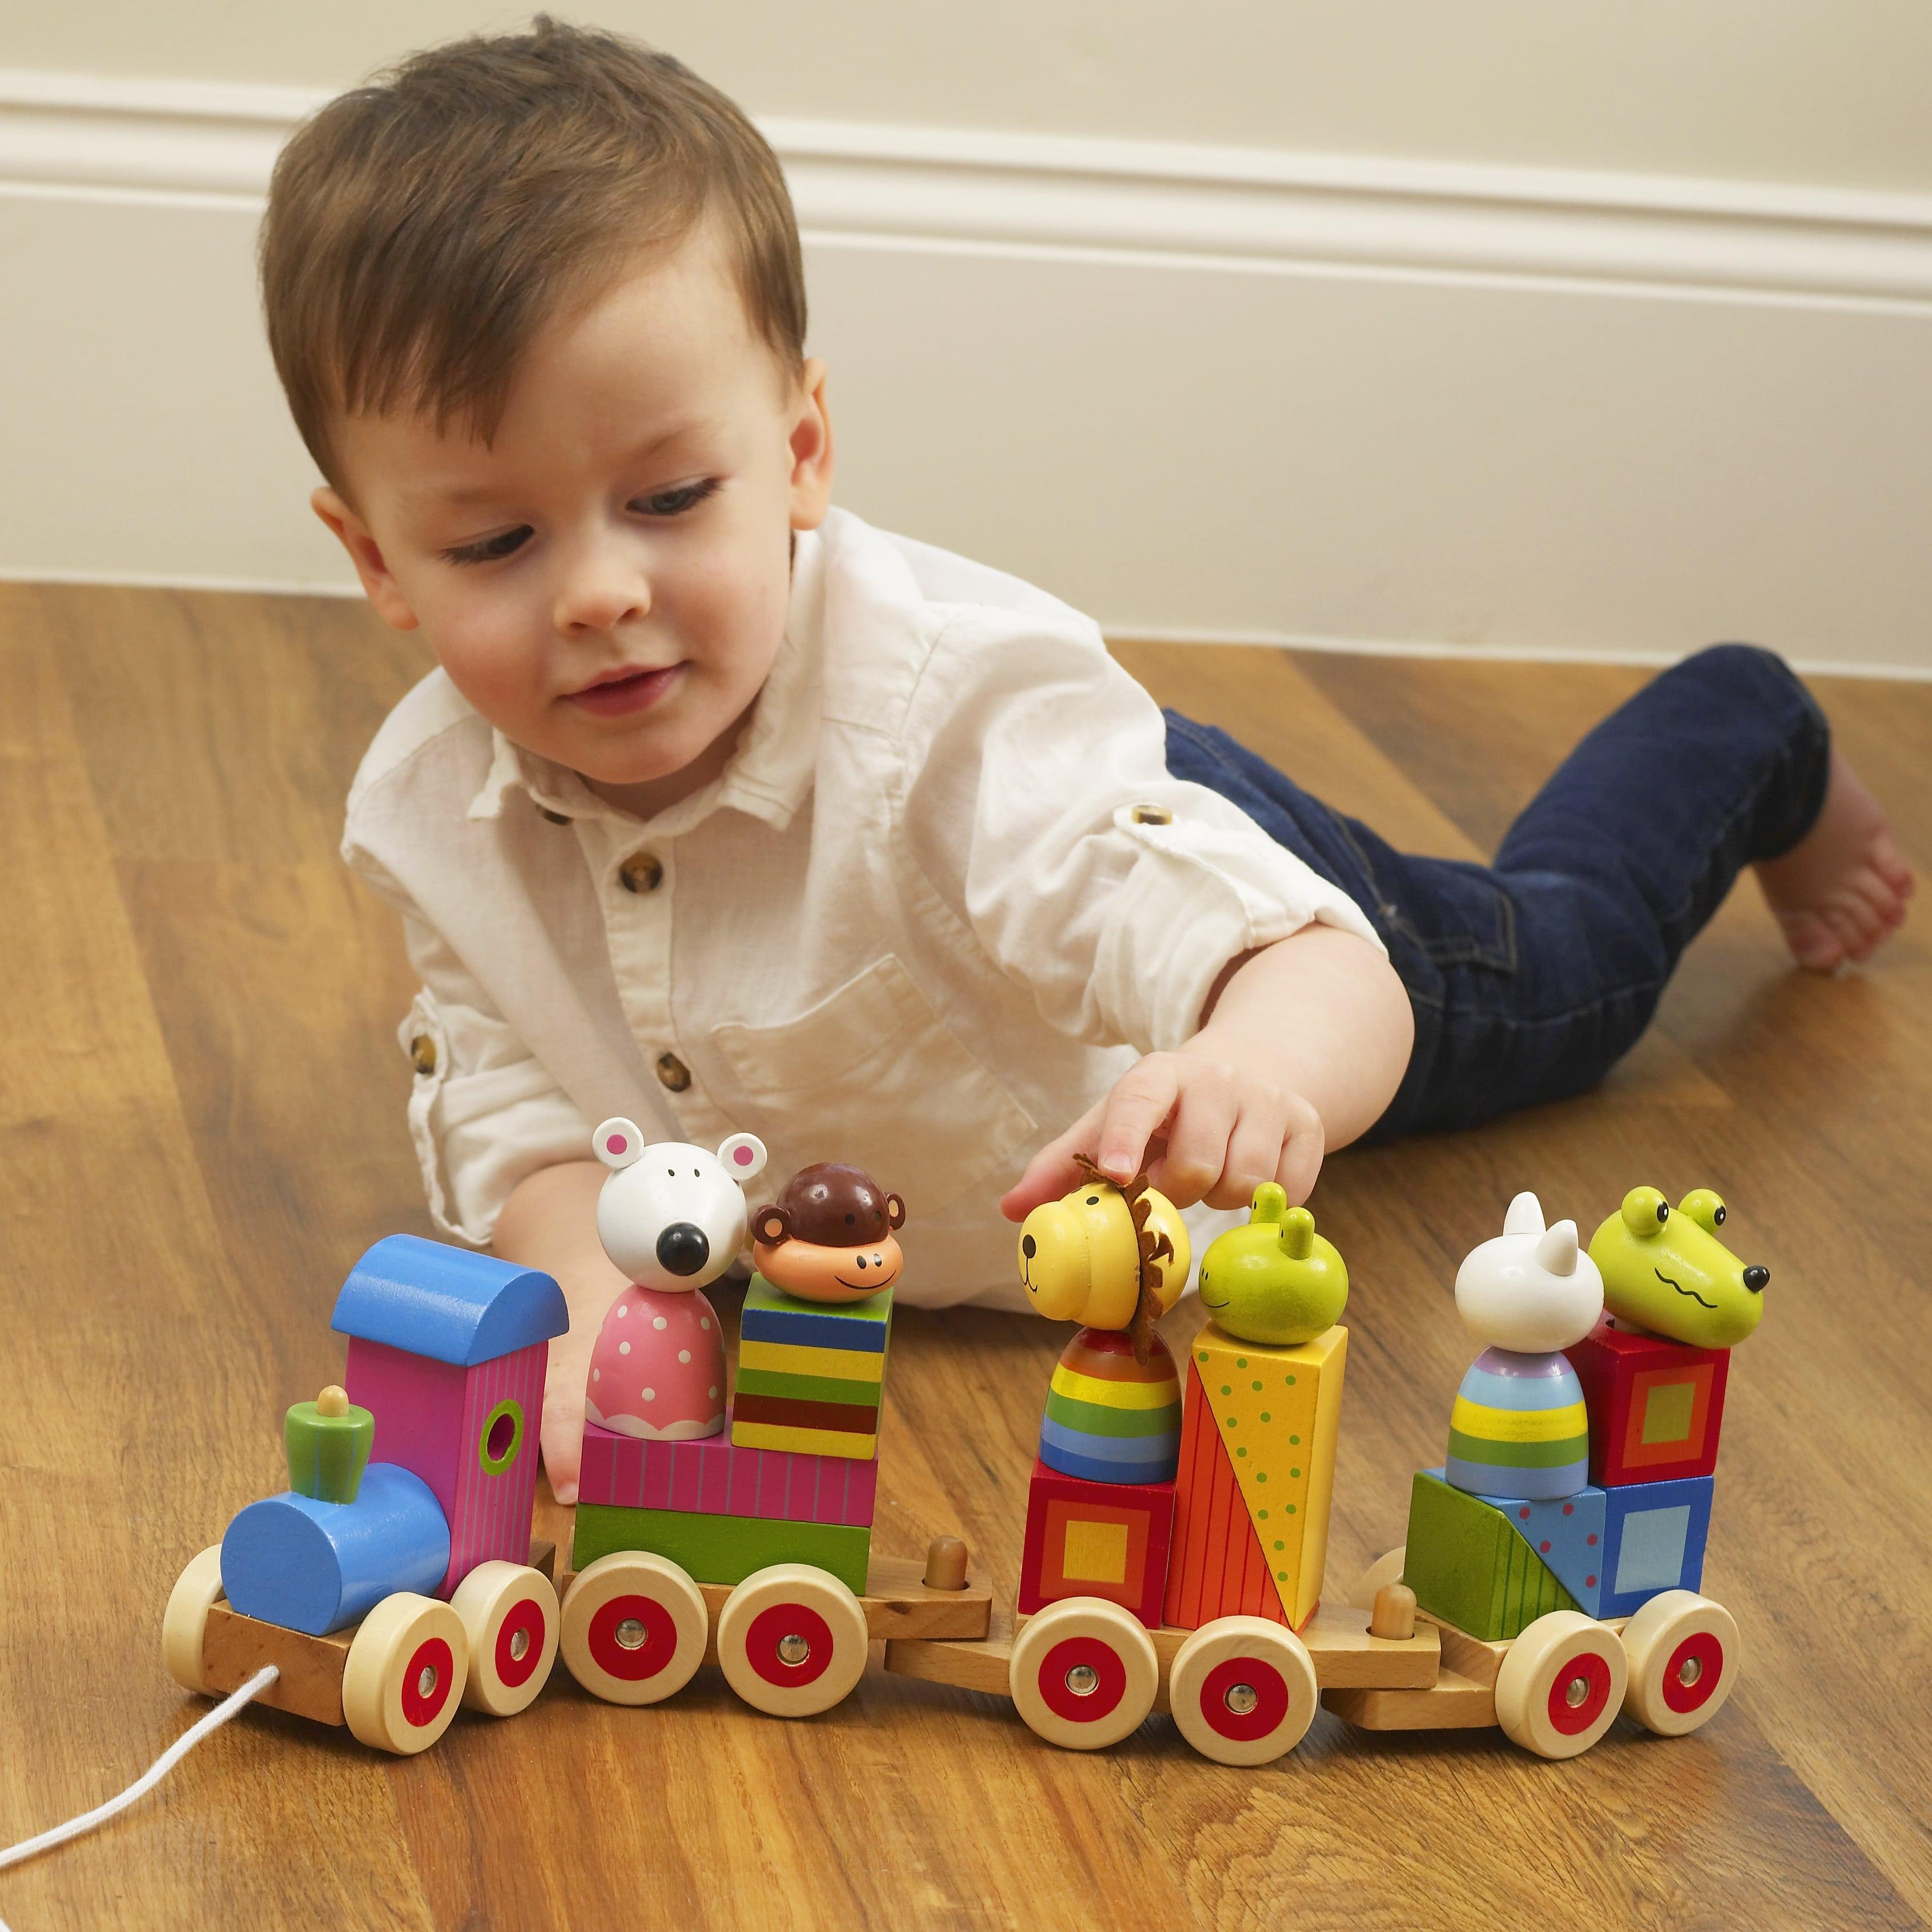 Дървено влакче с животни за дърпане от Orange Tree Toys , дървени играчки - Bellamie store